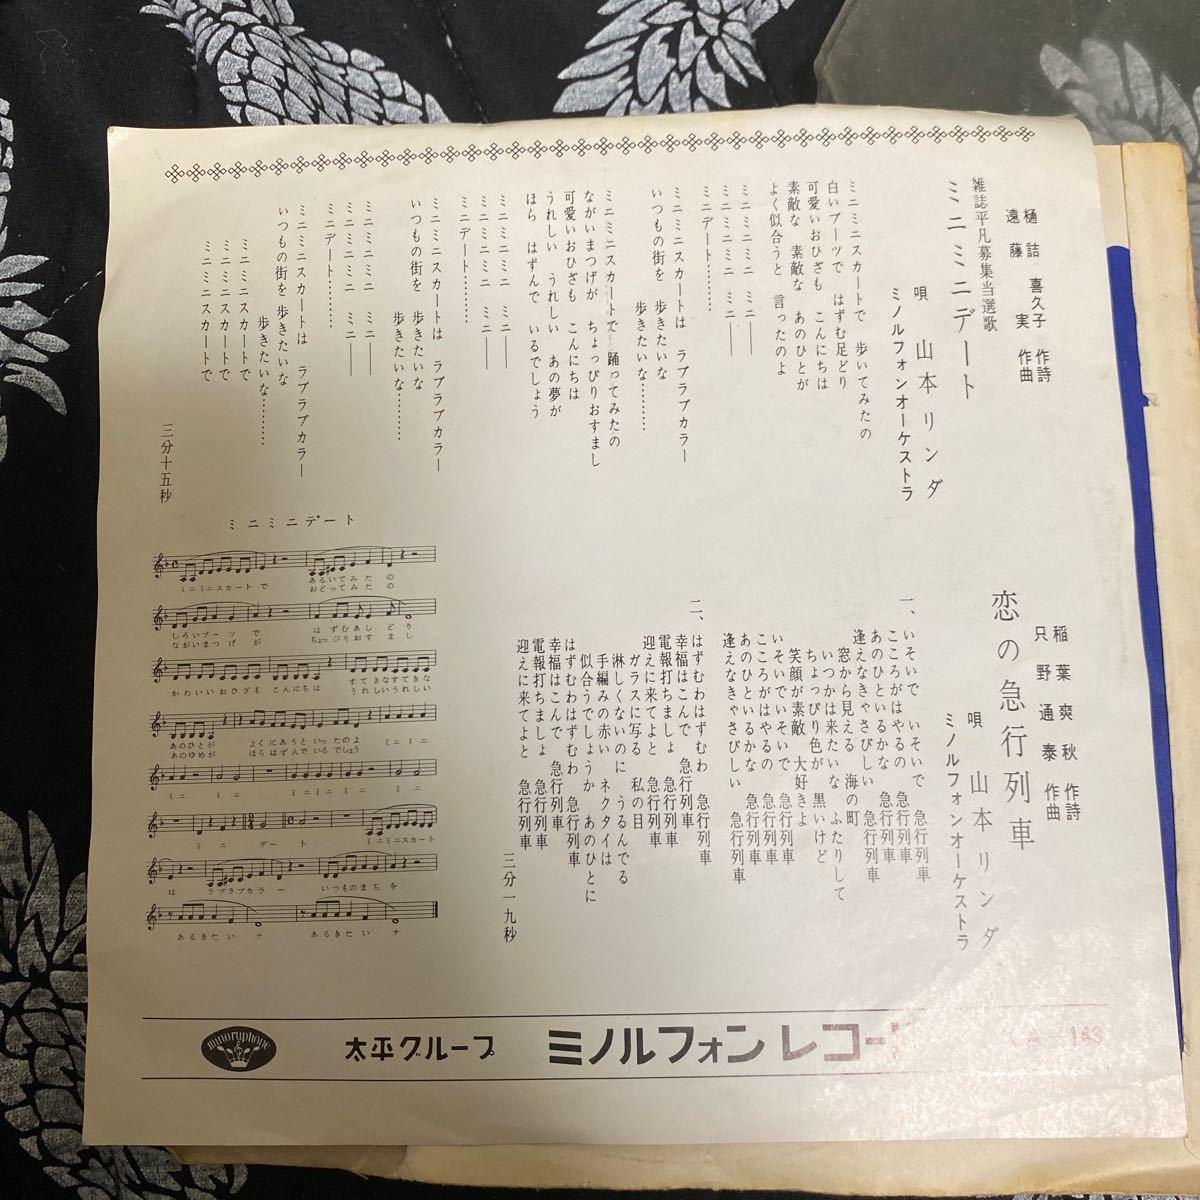 試聴済 山本リンダ ミニミニデート 恋の急行列車 シングルレコードEP盤 和モノ 昭和歌謡 マイナー歌謡 KA-143_画像2